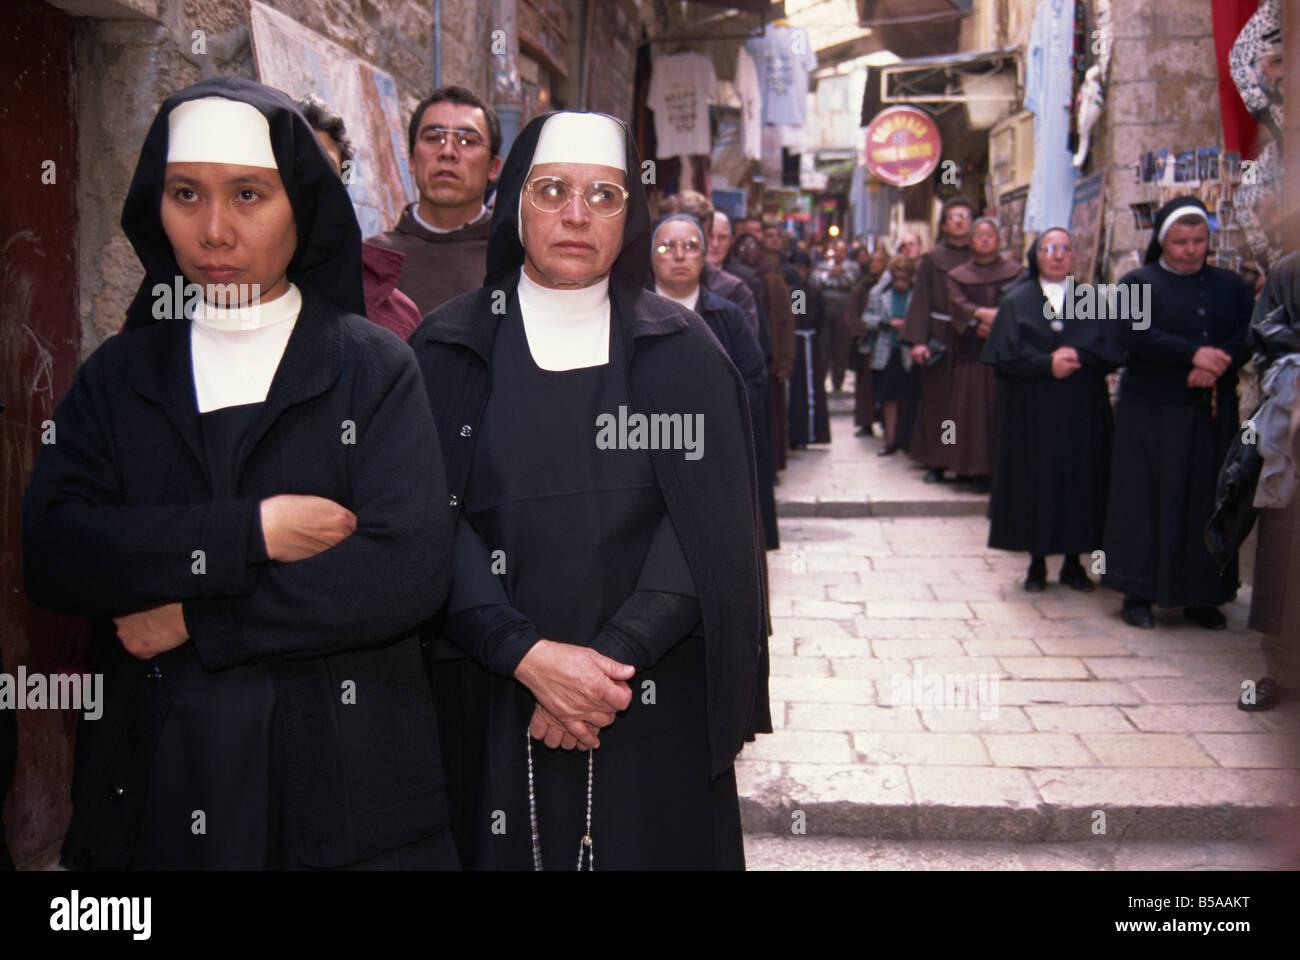 Mönche und Nonnen in einer franziskanischen Prozession entlang der Via Dolorosa in der alten Stadt von Jerusalem, Stockbild